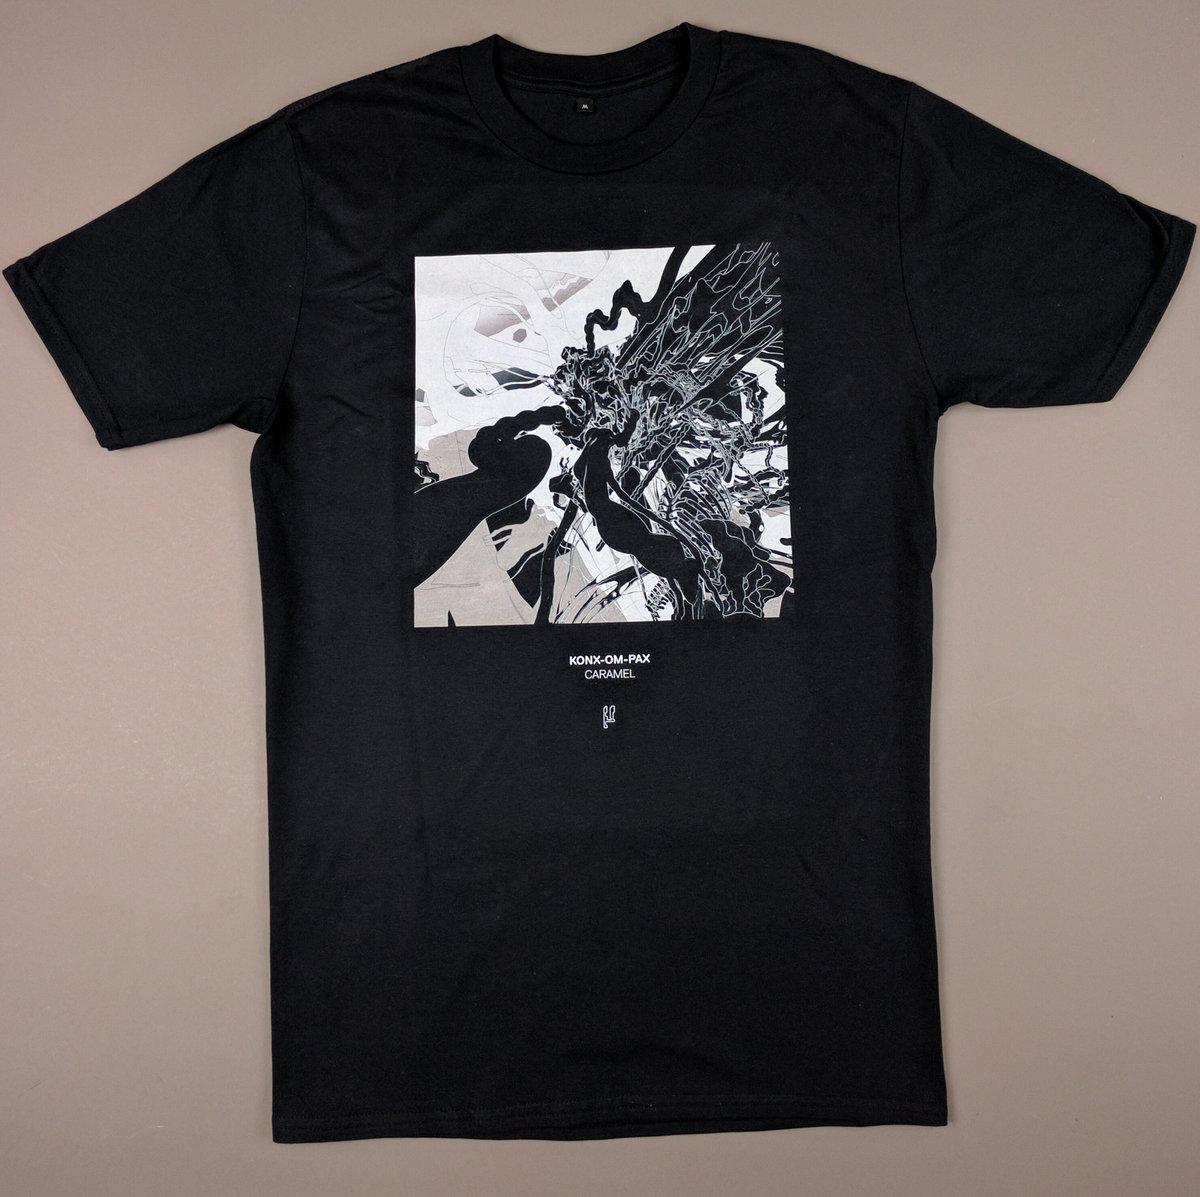 Shirt design resolution - Limited Edition Konx Om Pax Caramel T Shirt Design By Tom Scholefield High Resolution Digital Print T Shirt Fabric 100 Ring Spun Cotton Pre Shrunk Jersey